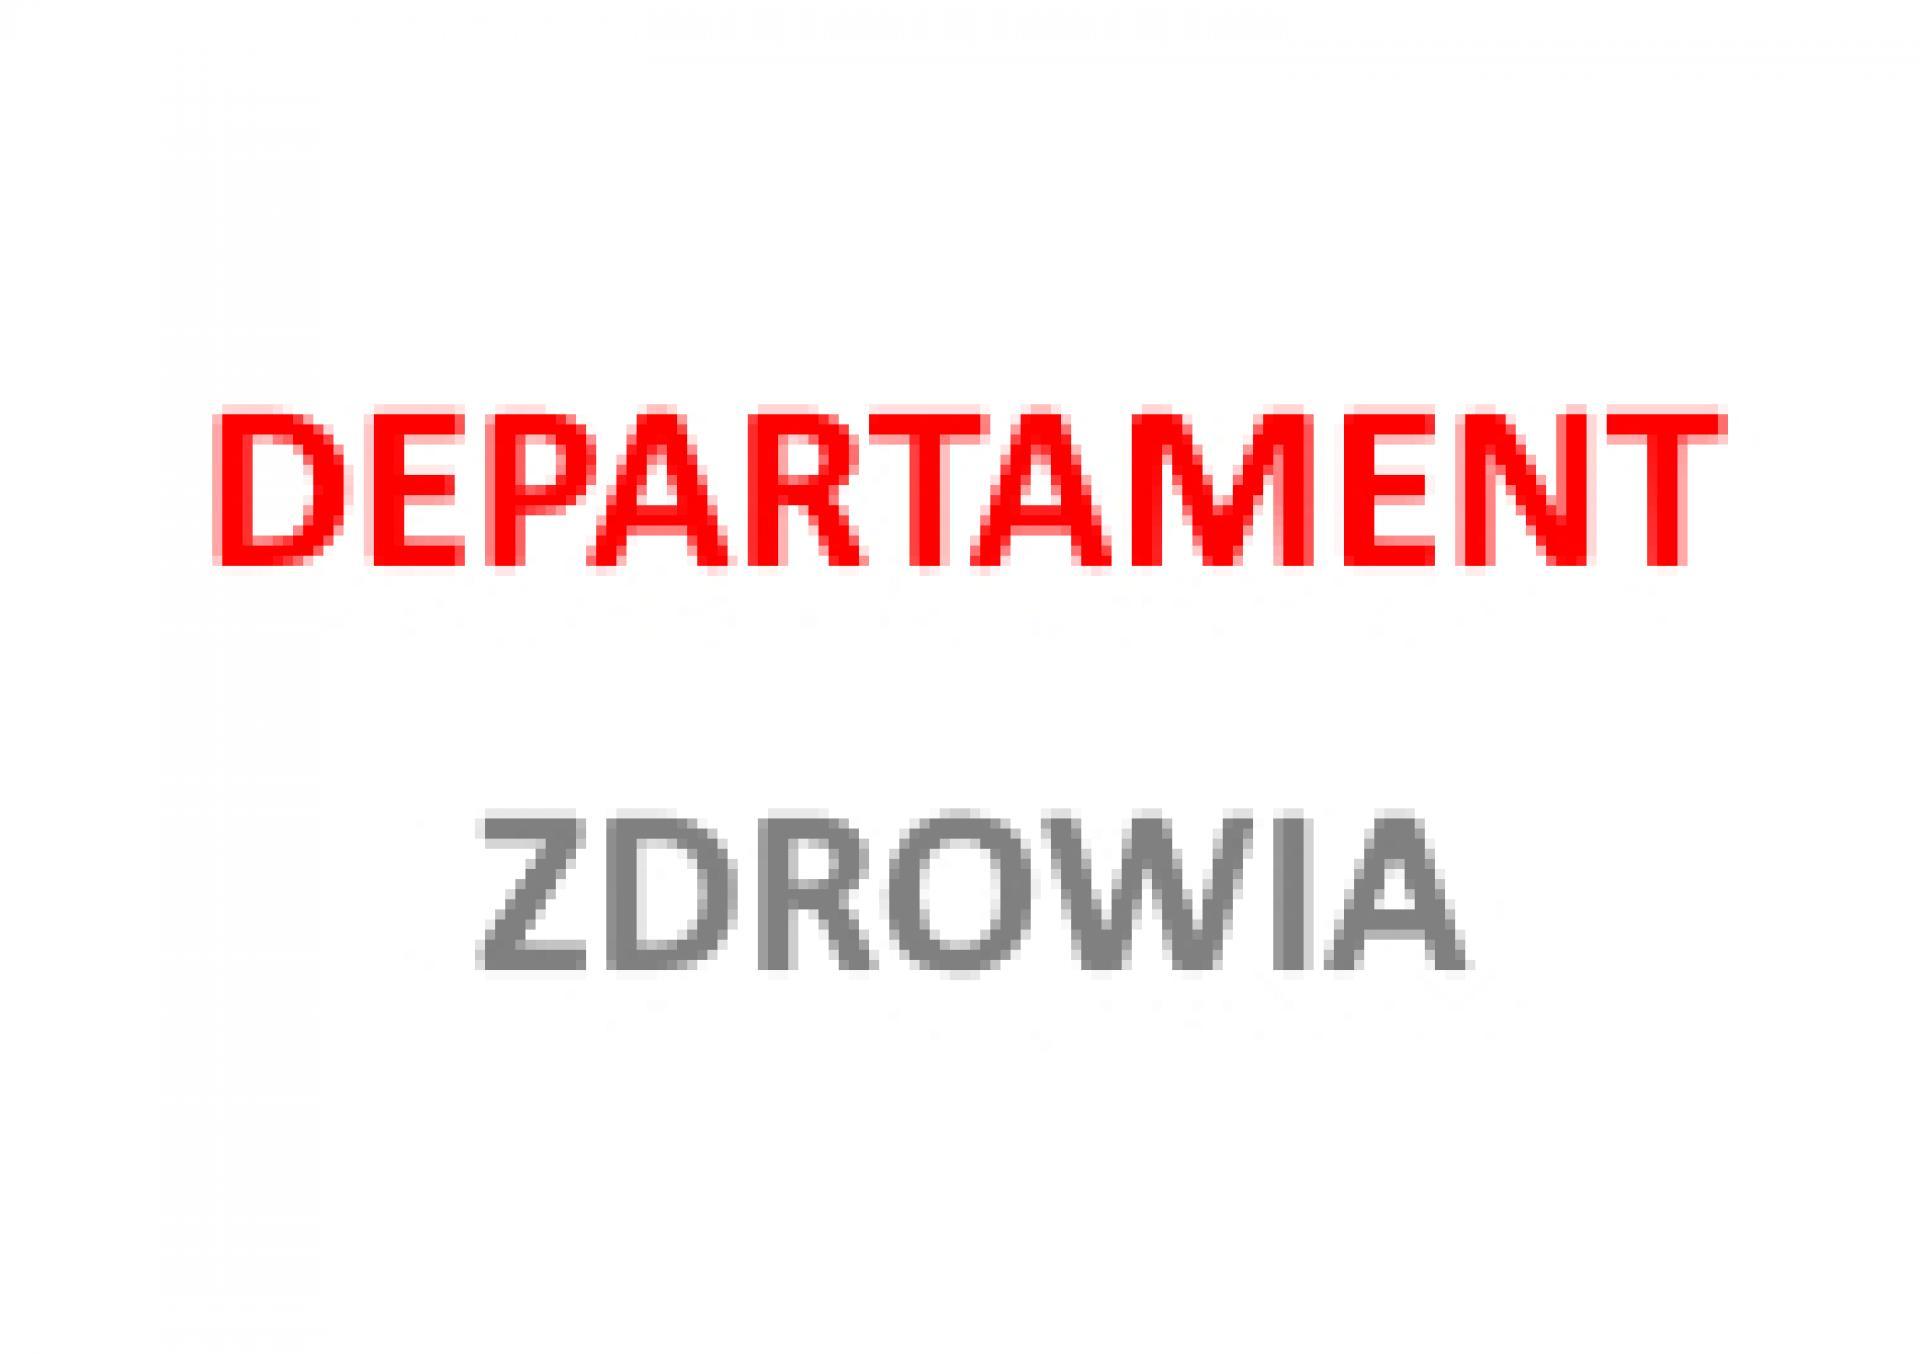 Zawiadomienie dotyczące prac nad projektem uchwały Sejmiku zmieniającej uchwałę w sprawie nadania statutu Szpitalowi Wojewódzkiemu w Poznaniu - zobacz więcej